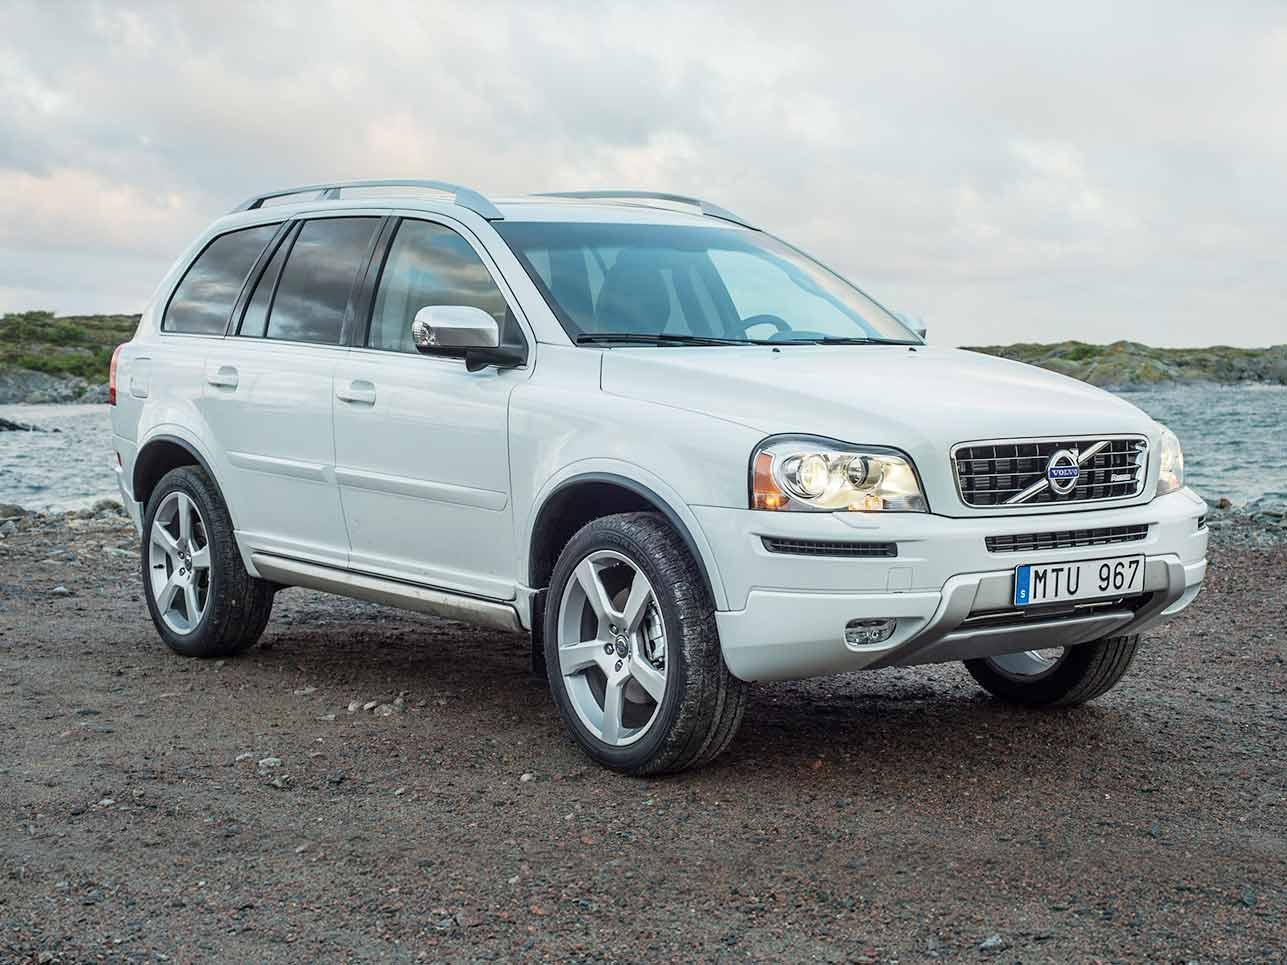 [h3]2002 – 2015, Volvo XC90[/h3] Auch die Schweden wollten am SUV-Boom teilhaben – und erhielten 2002 die Chance. Die Ingenieure schufen den Volvo XC90 und waren höchst erfolgreich: Das Auto wurde zwölf Jahre lang gebaut und knappe 640.000 mal verkauft.